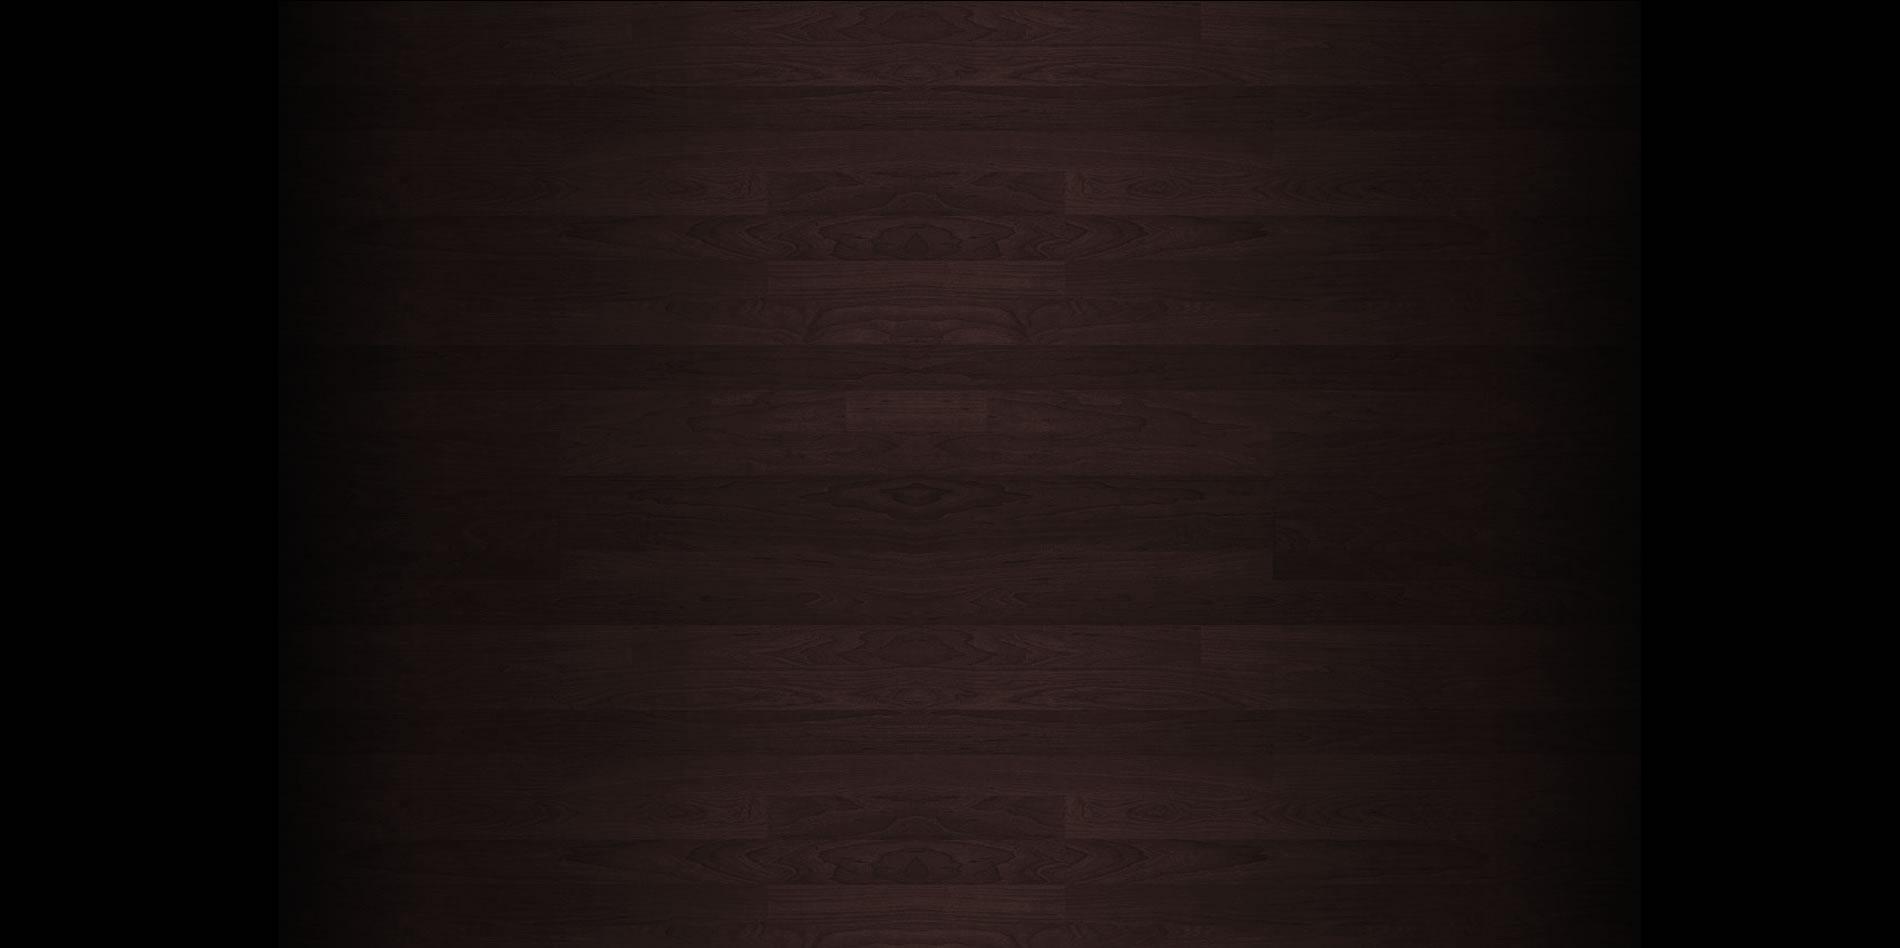 Dark Rustic Wallpaper Wallpapersafari